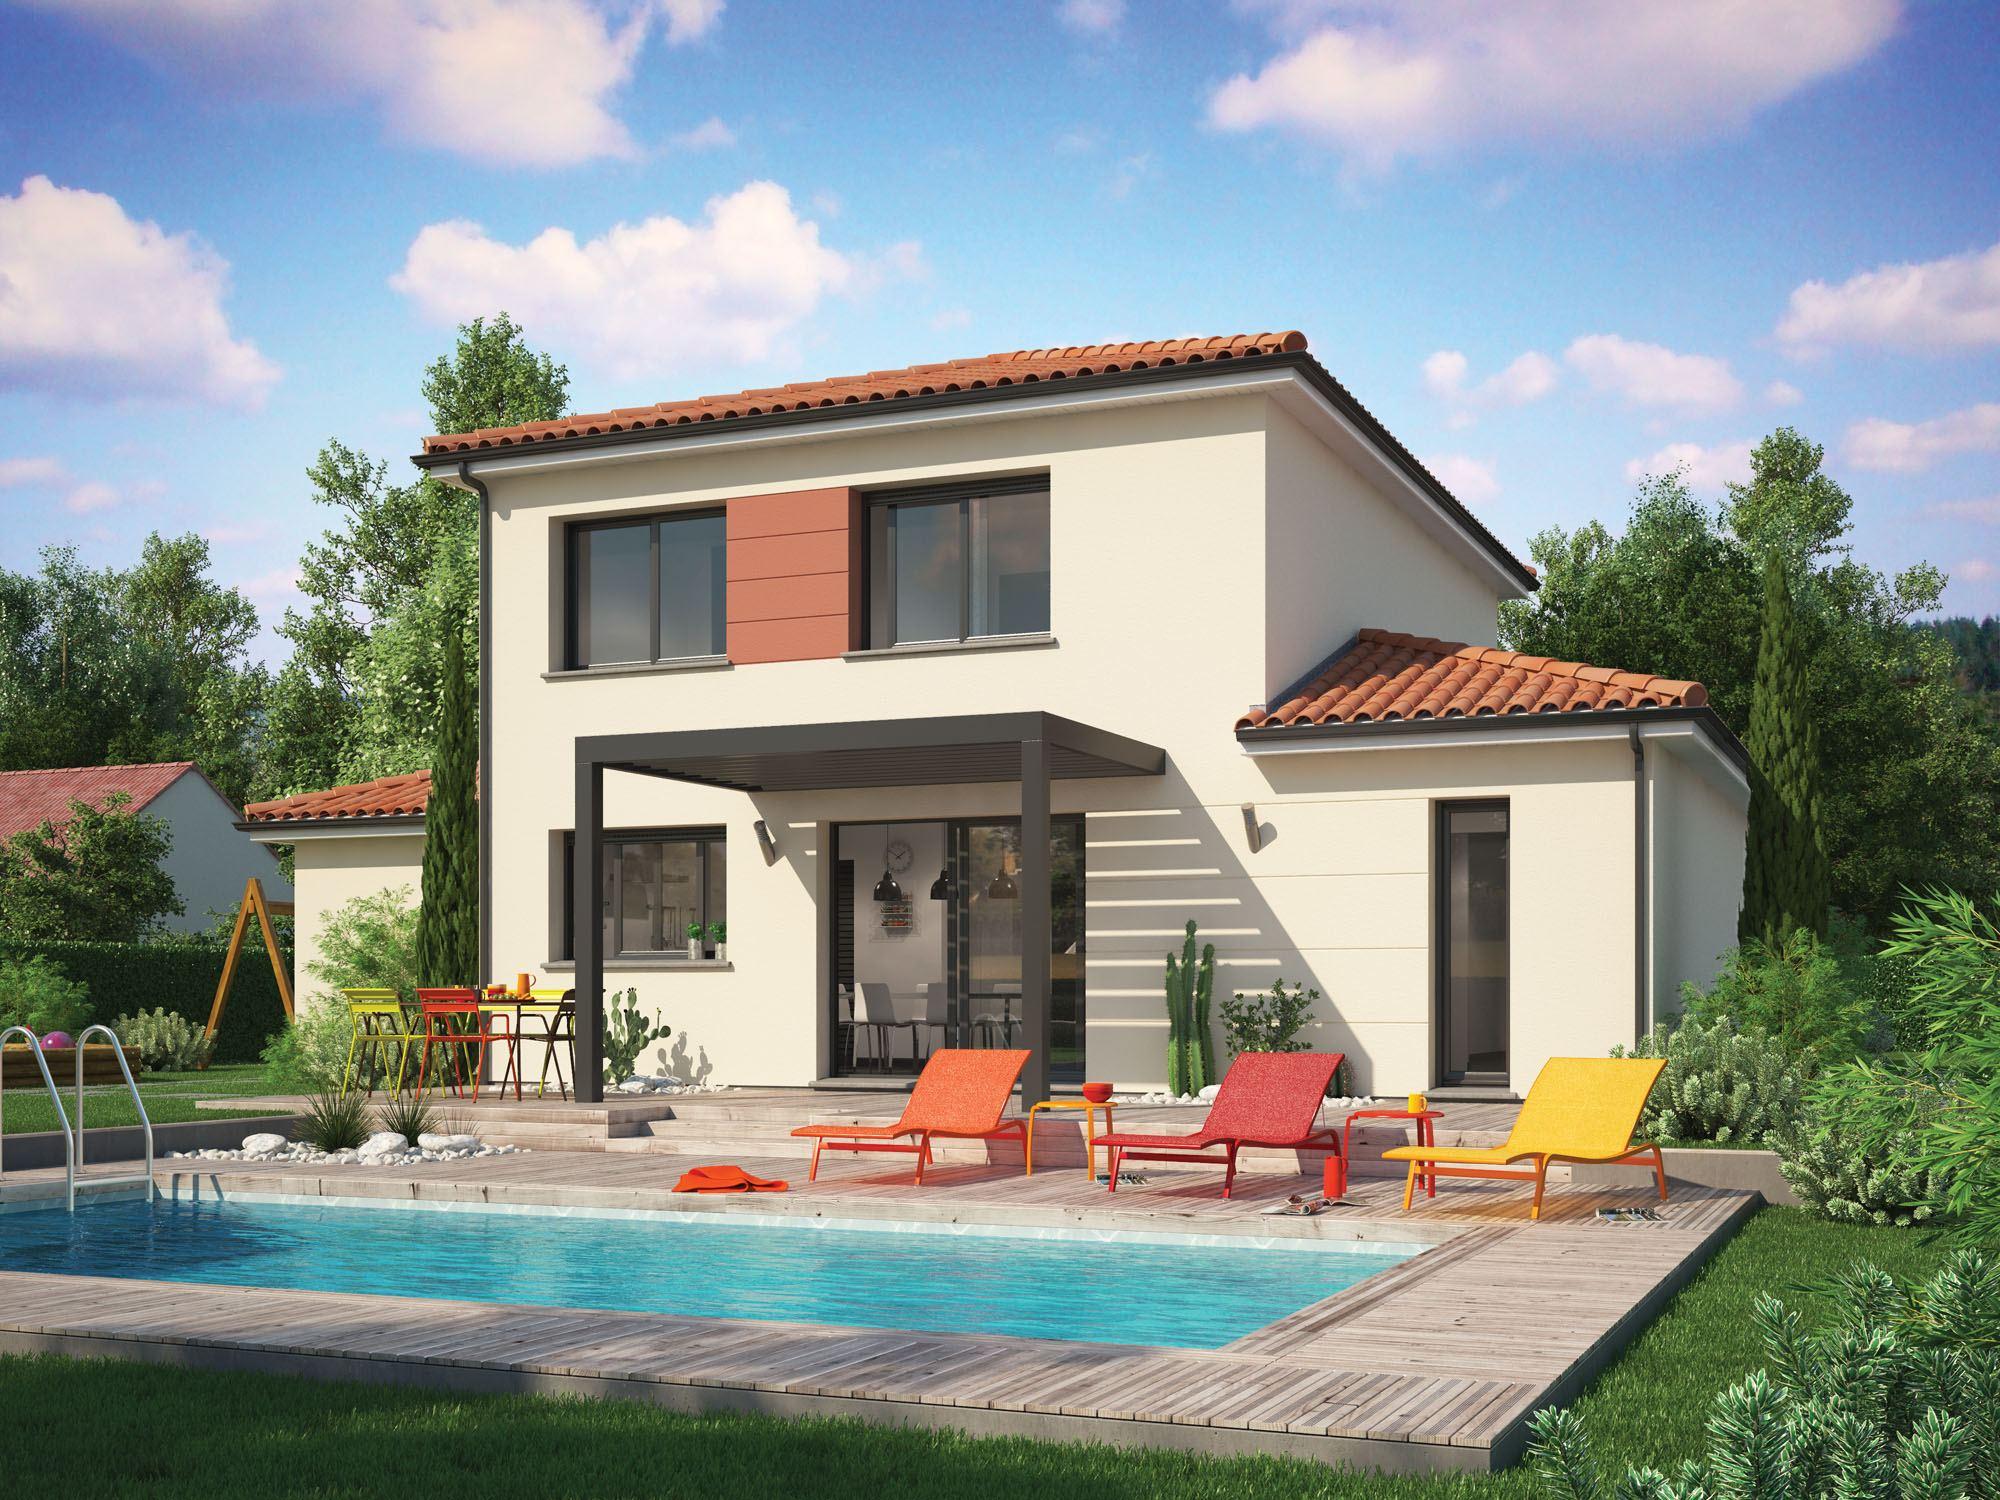 Maisons + Terrains du constructeur MAISON FAMILIALE • 92 m² • TREVOUX